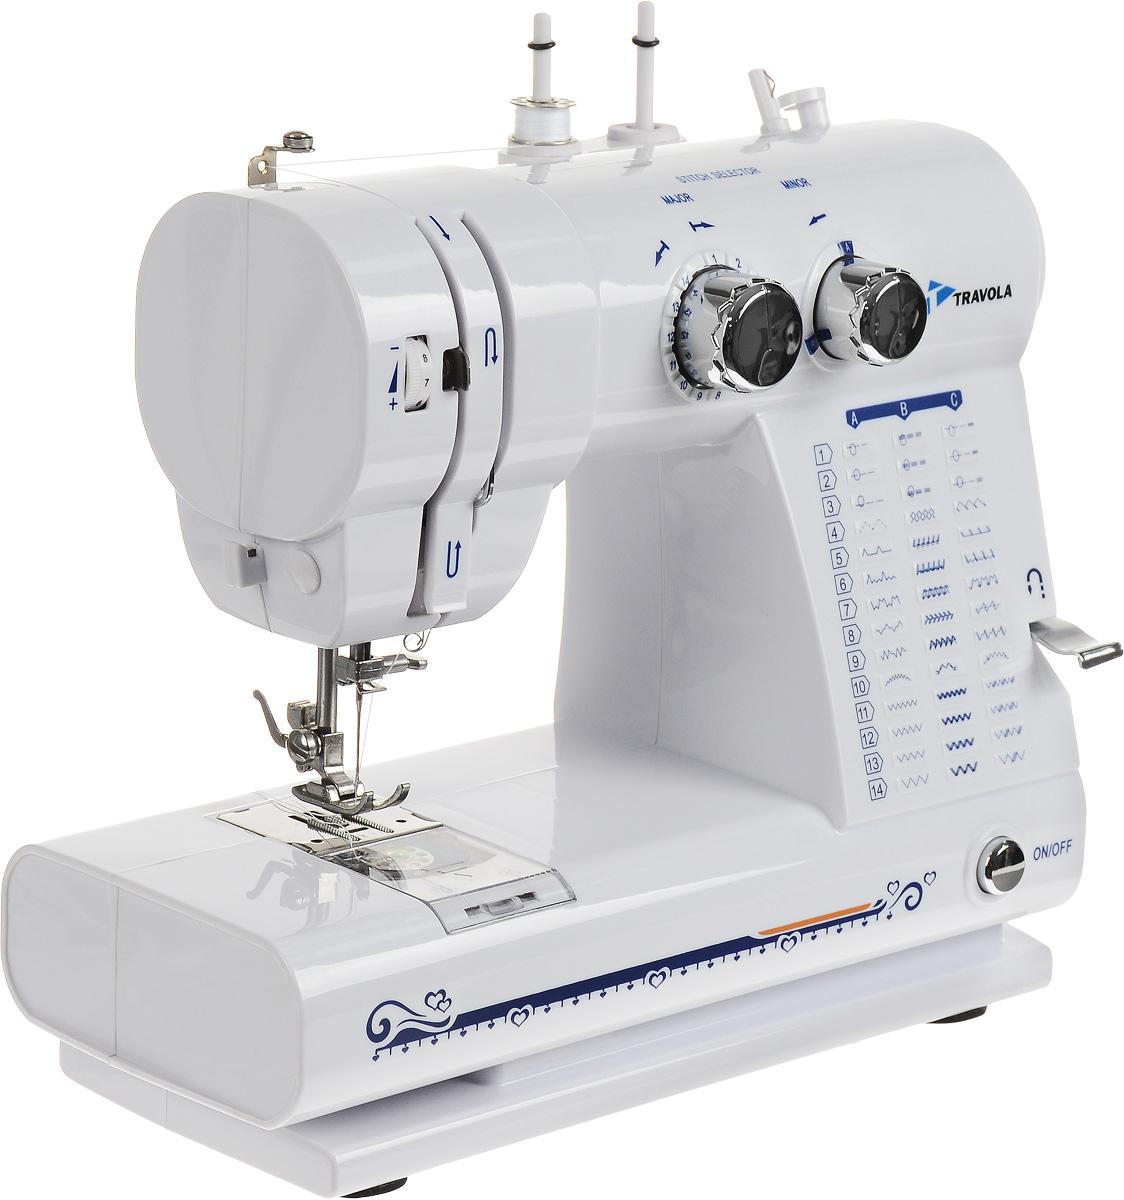 Travola 812 швейная машина - Швейные машины и аксессуары